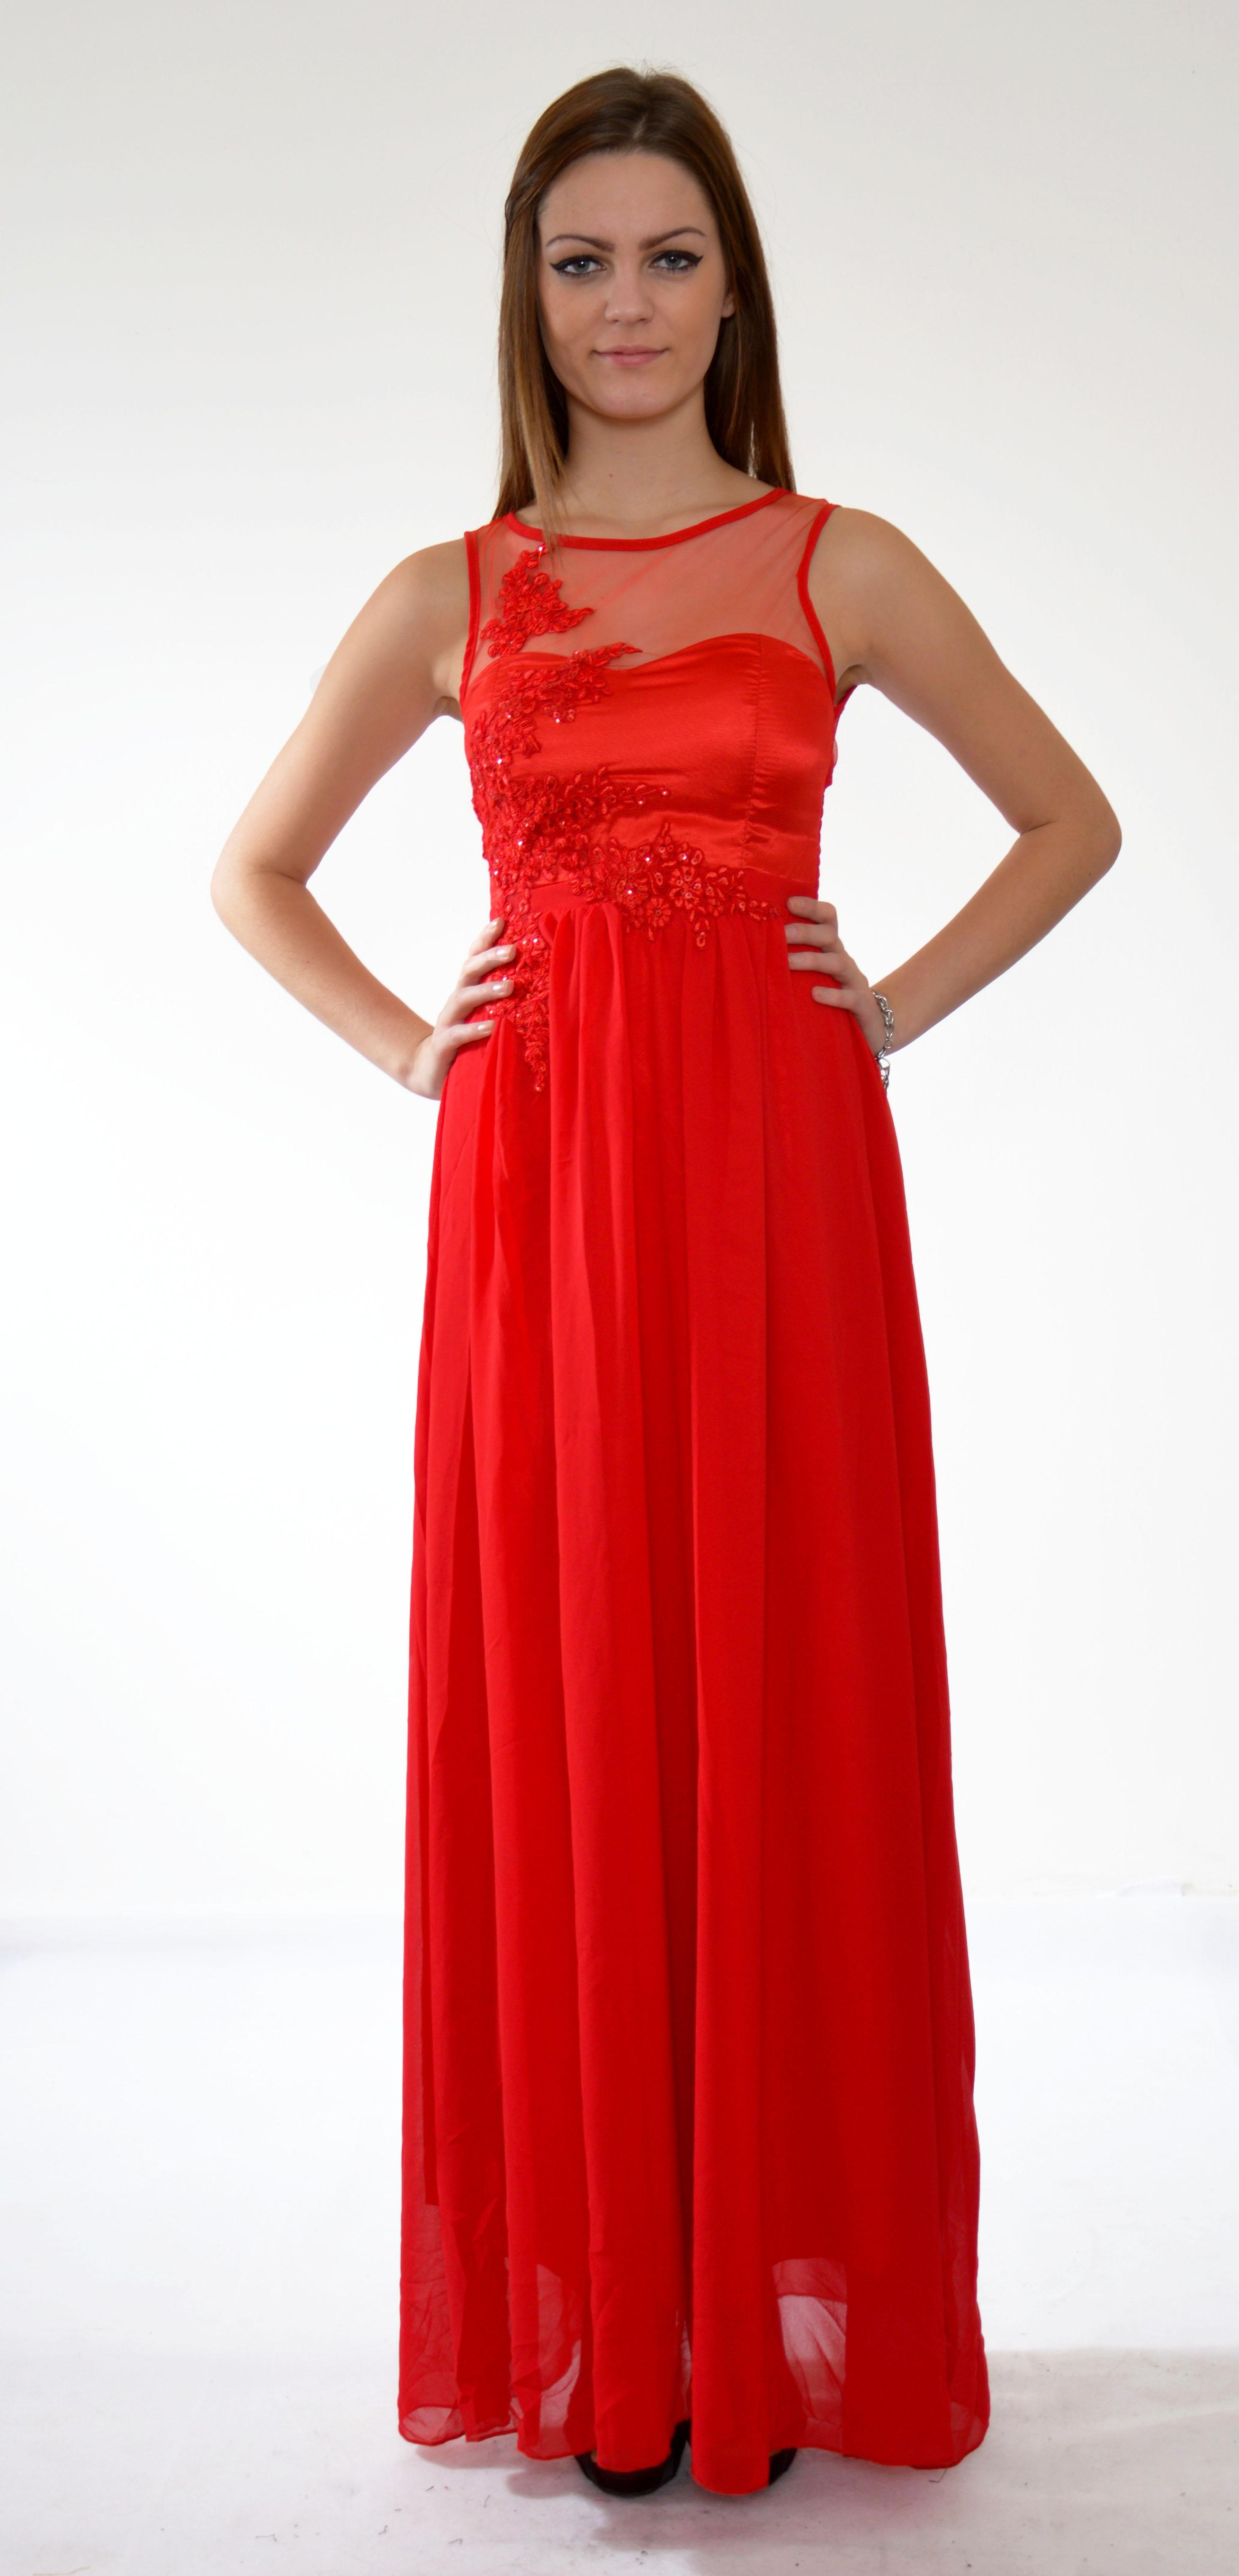 70c6bcf5e4a7 ruzove saty na stuzkovu červené spoločenské šaty s čipkou ...